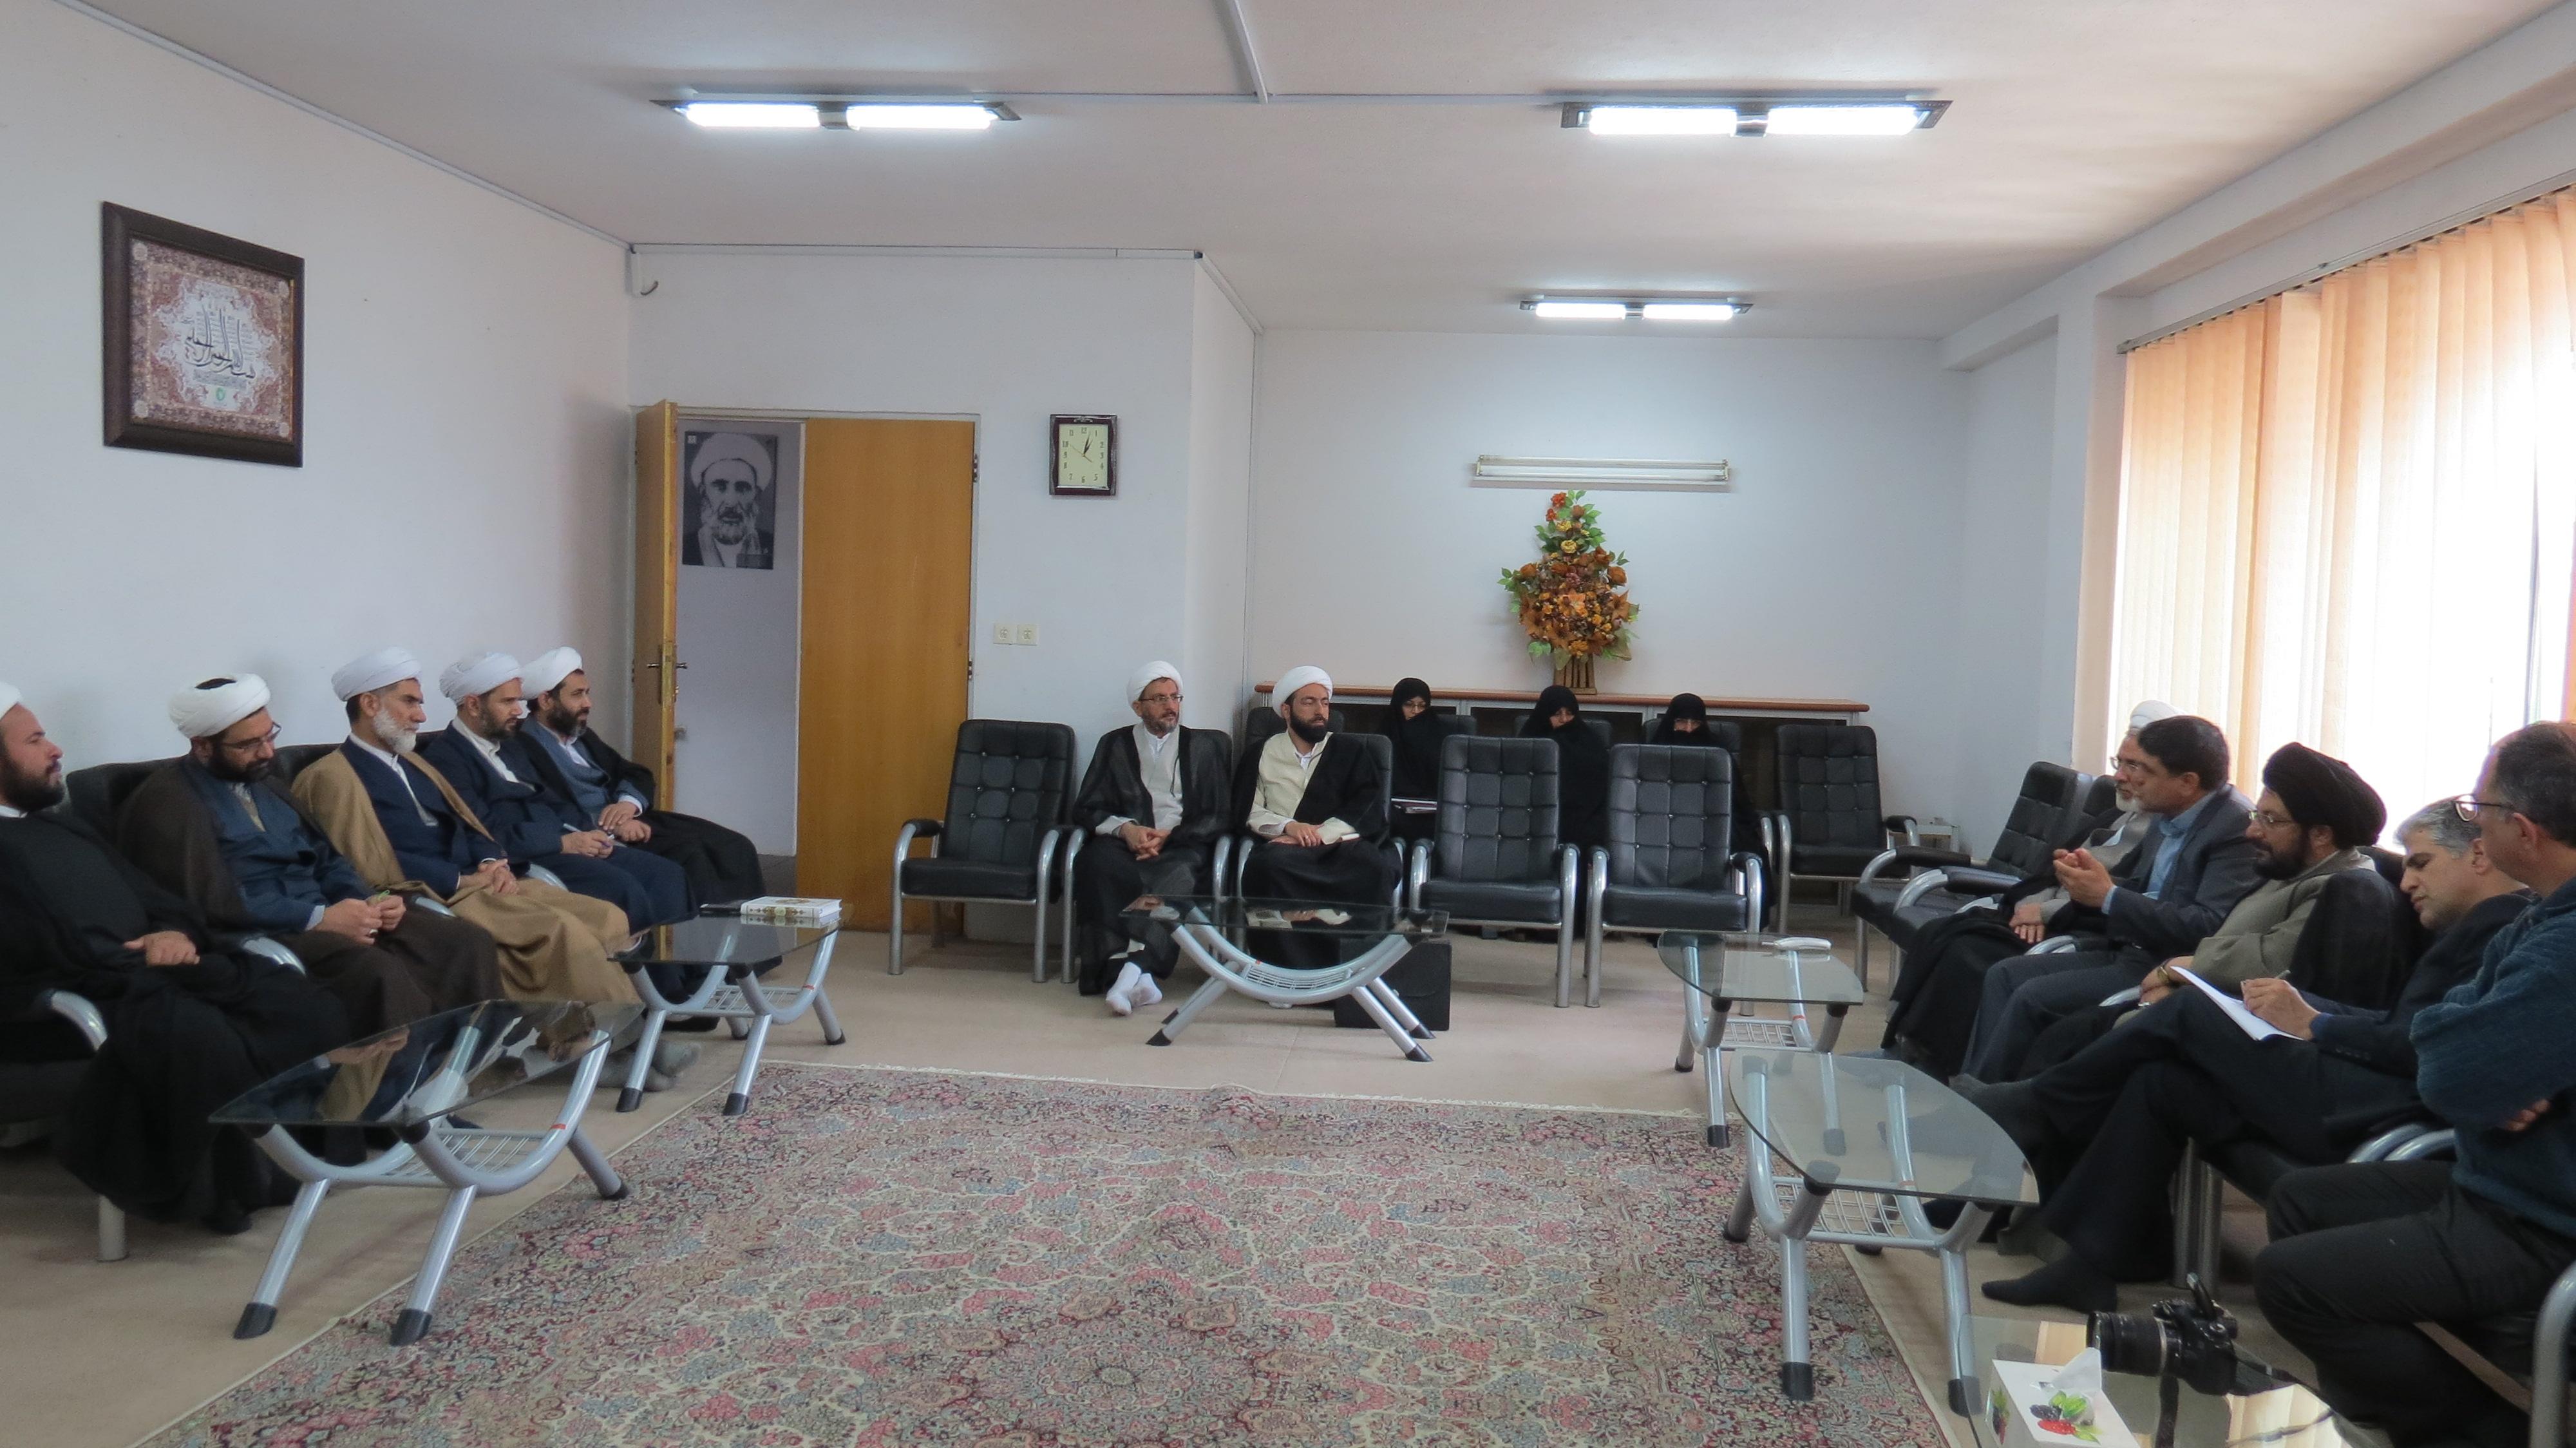 دیدار مدیر کل منابع طبیعی کرمان با مدیران مدارس کرمان